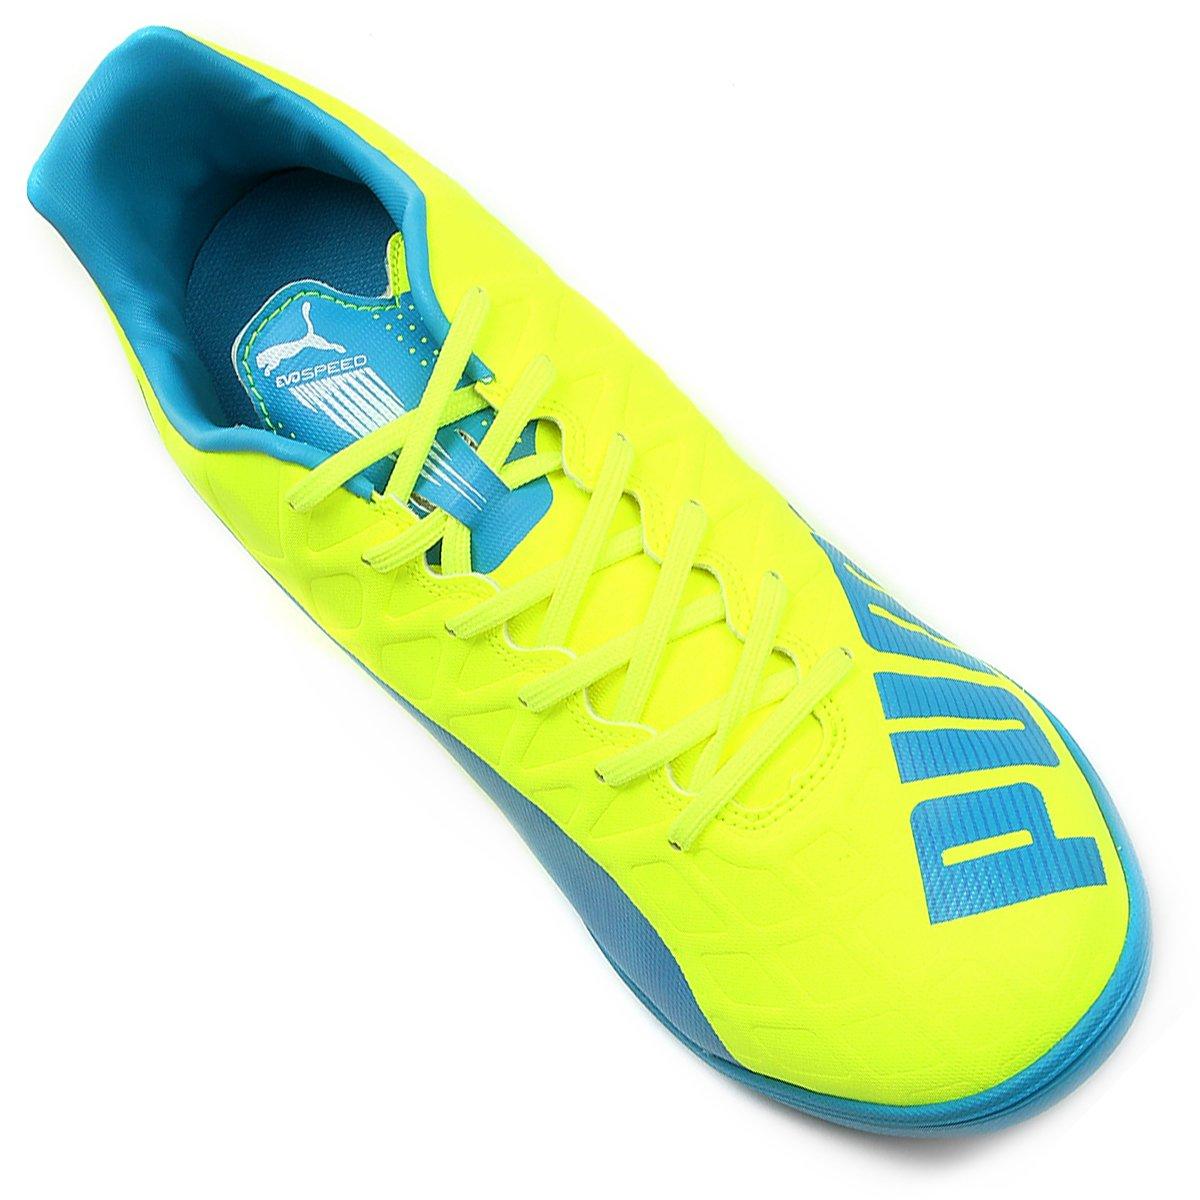 Chuteira Futsal Puma Evospeed 4.4 IT Masculina - Compre Agora  3506d2e4074fd